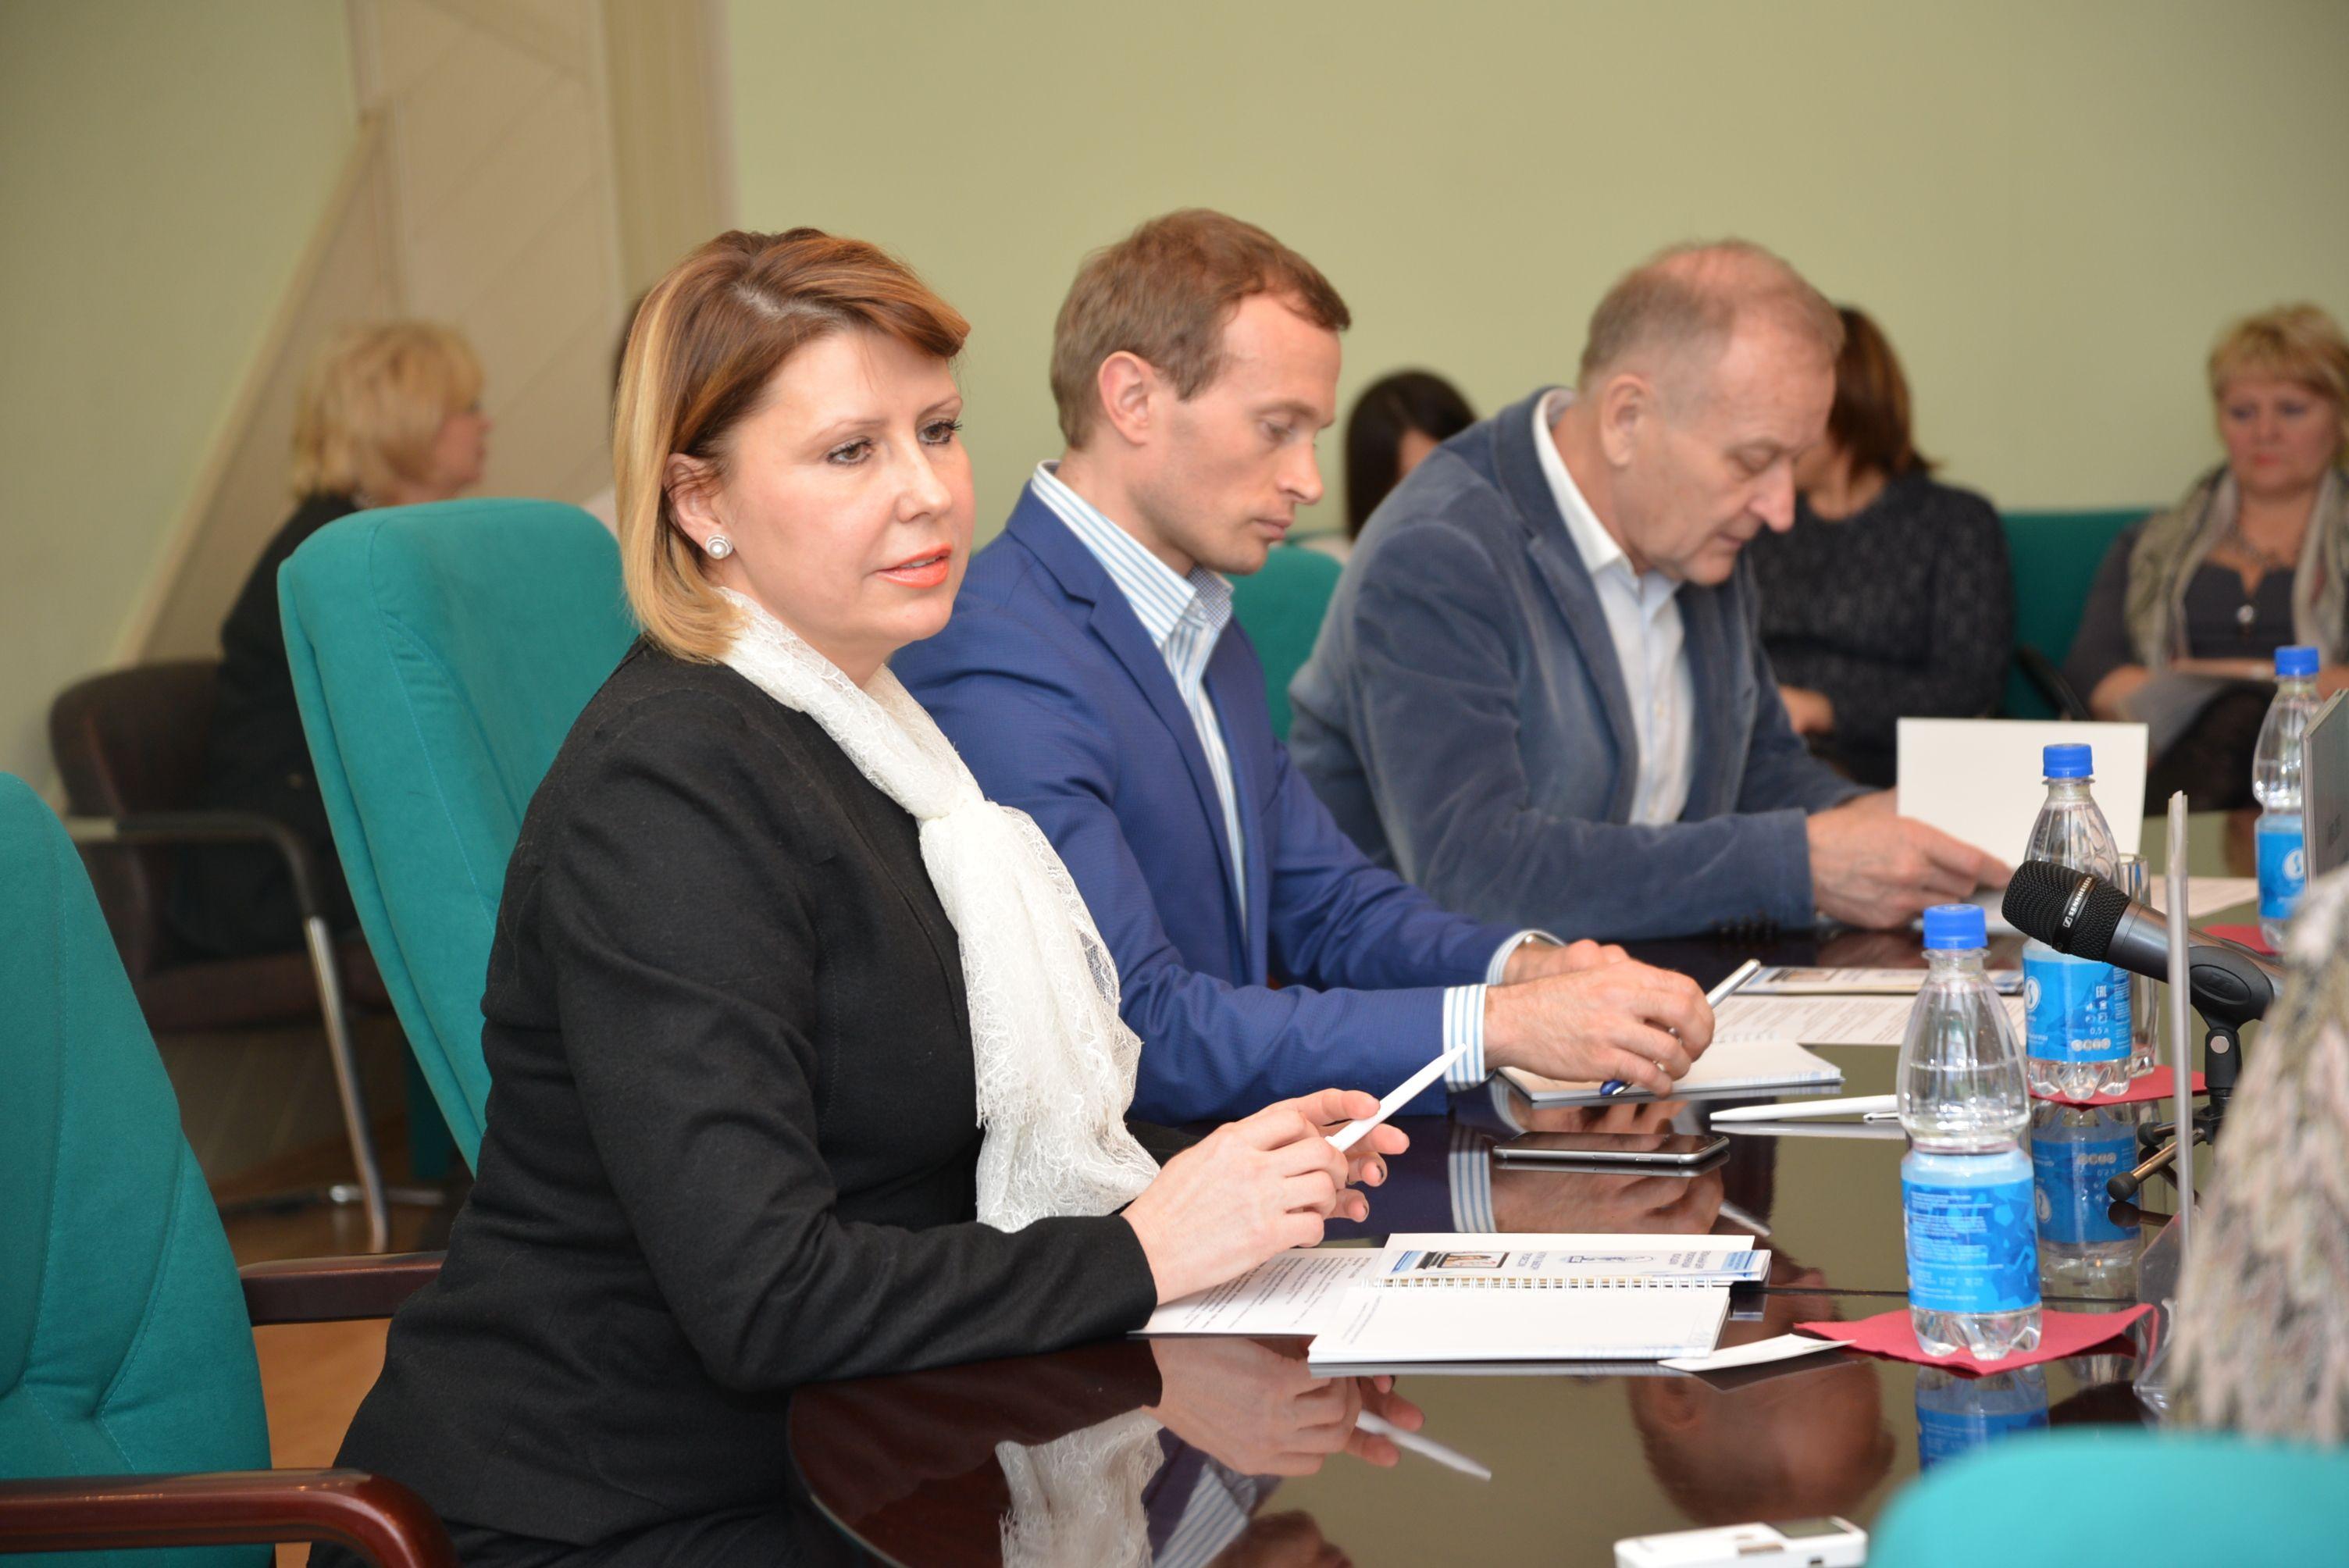 Во ВГУЭС прошёл круглый стол «Современные подходы к профориентации как системе взаимодействия личности и общества в контексте развития региона»